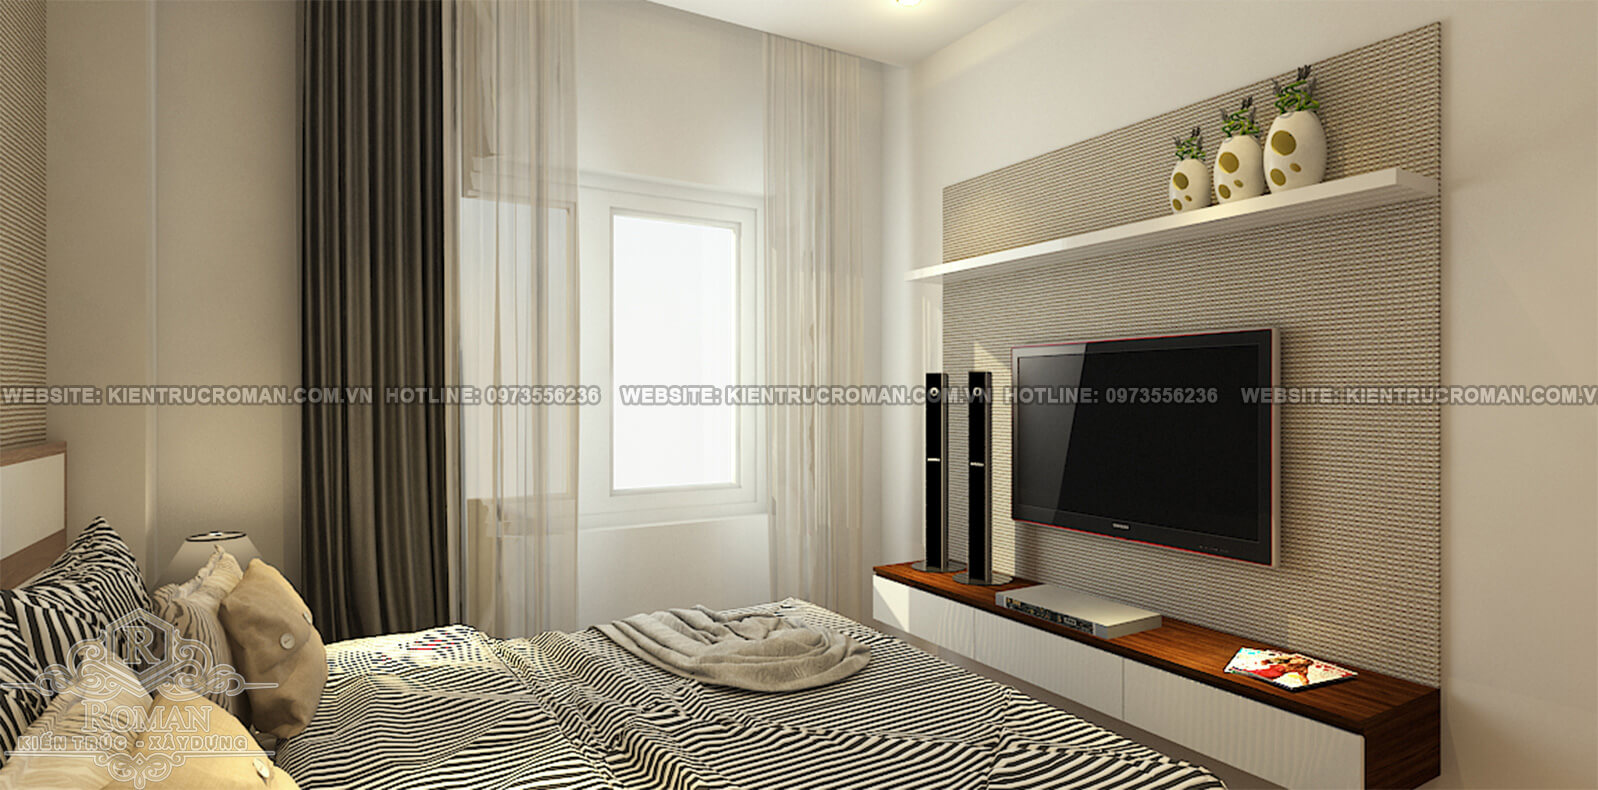 phòng ngủ thiết kế nội thất nhà chung cư hiện đại